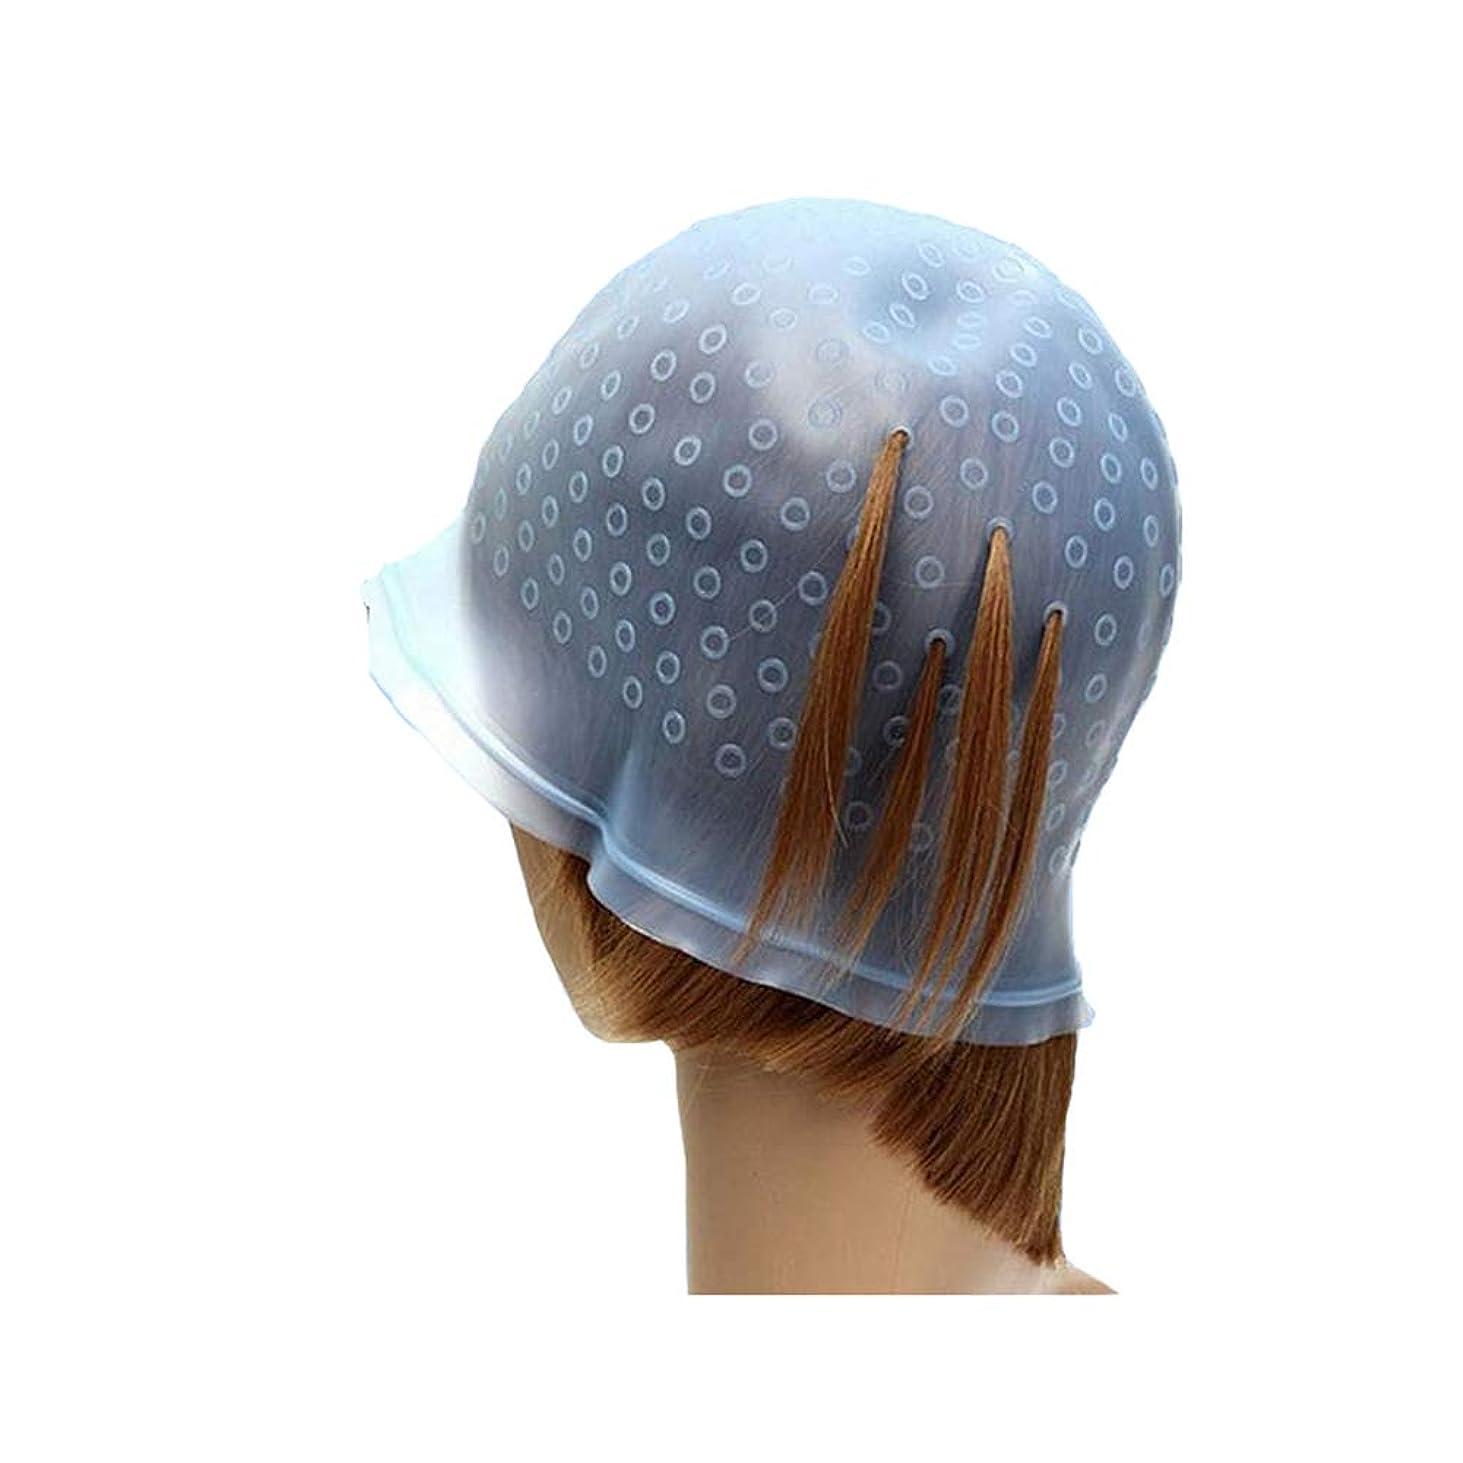 光景表現議題カラーリング メッシュ用 シリコンキャップ セルフカラー 髪の毛 穴あけ用のかぎ針付き 髪 レディース メンズ